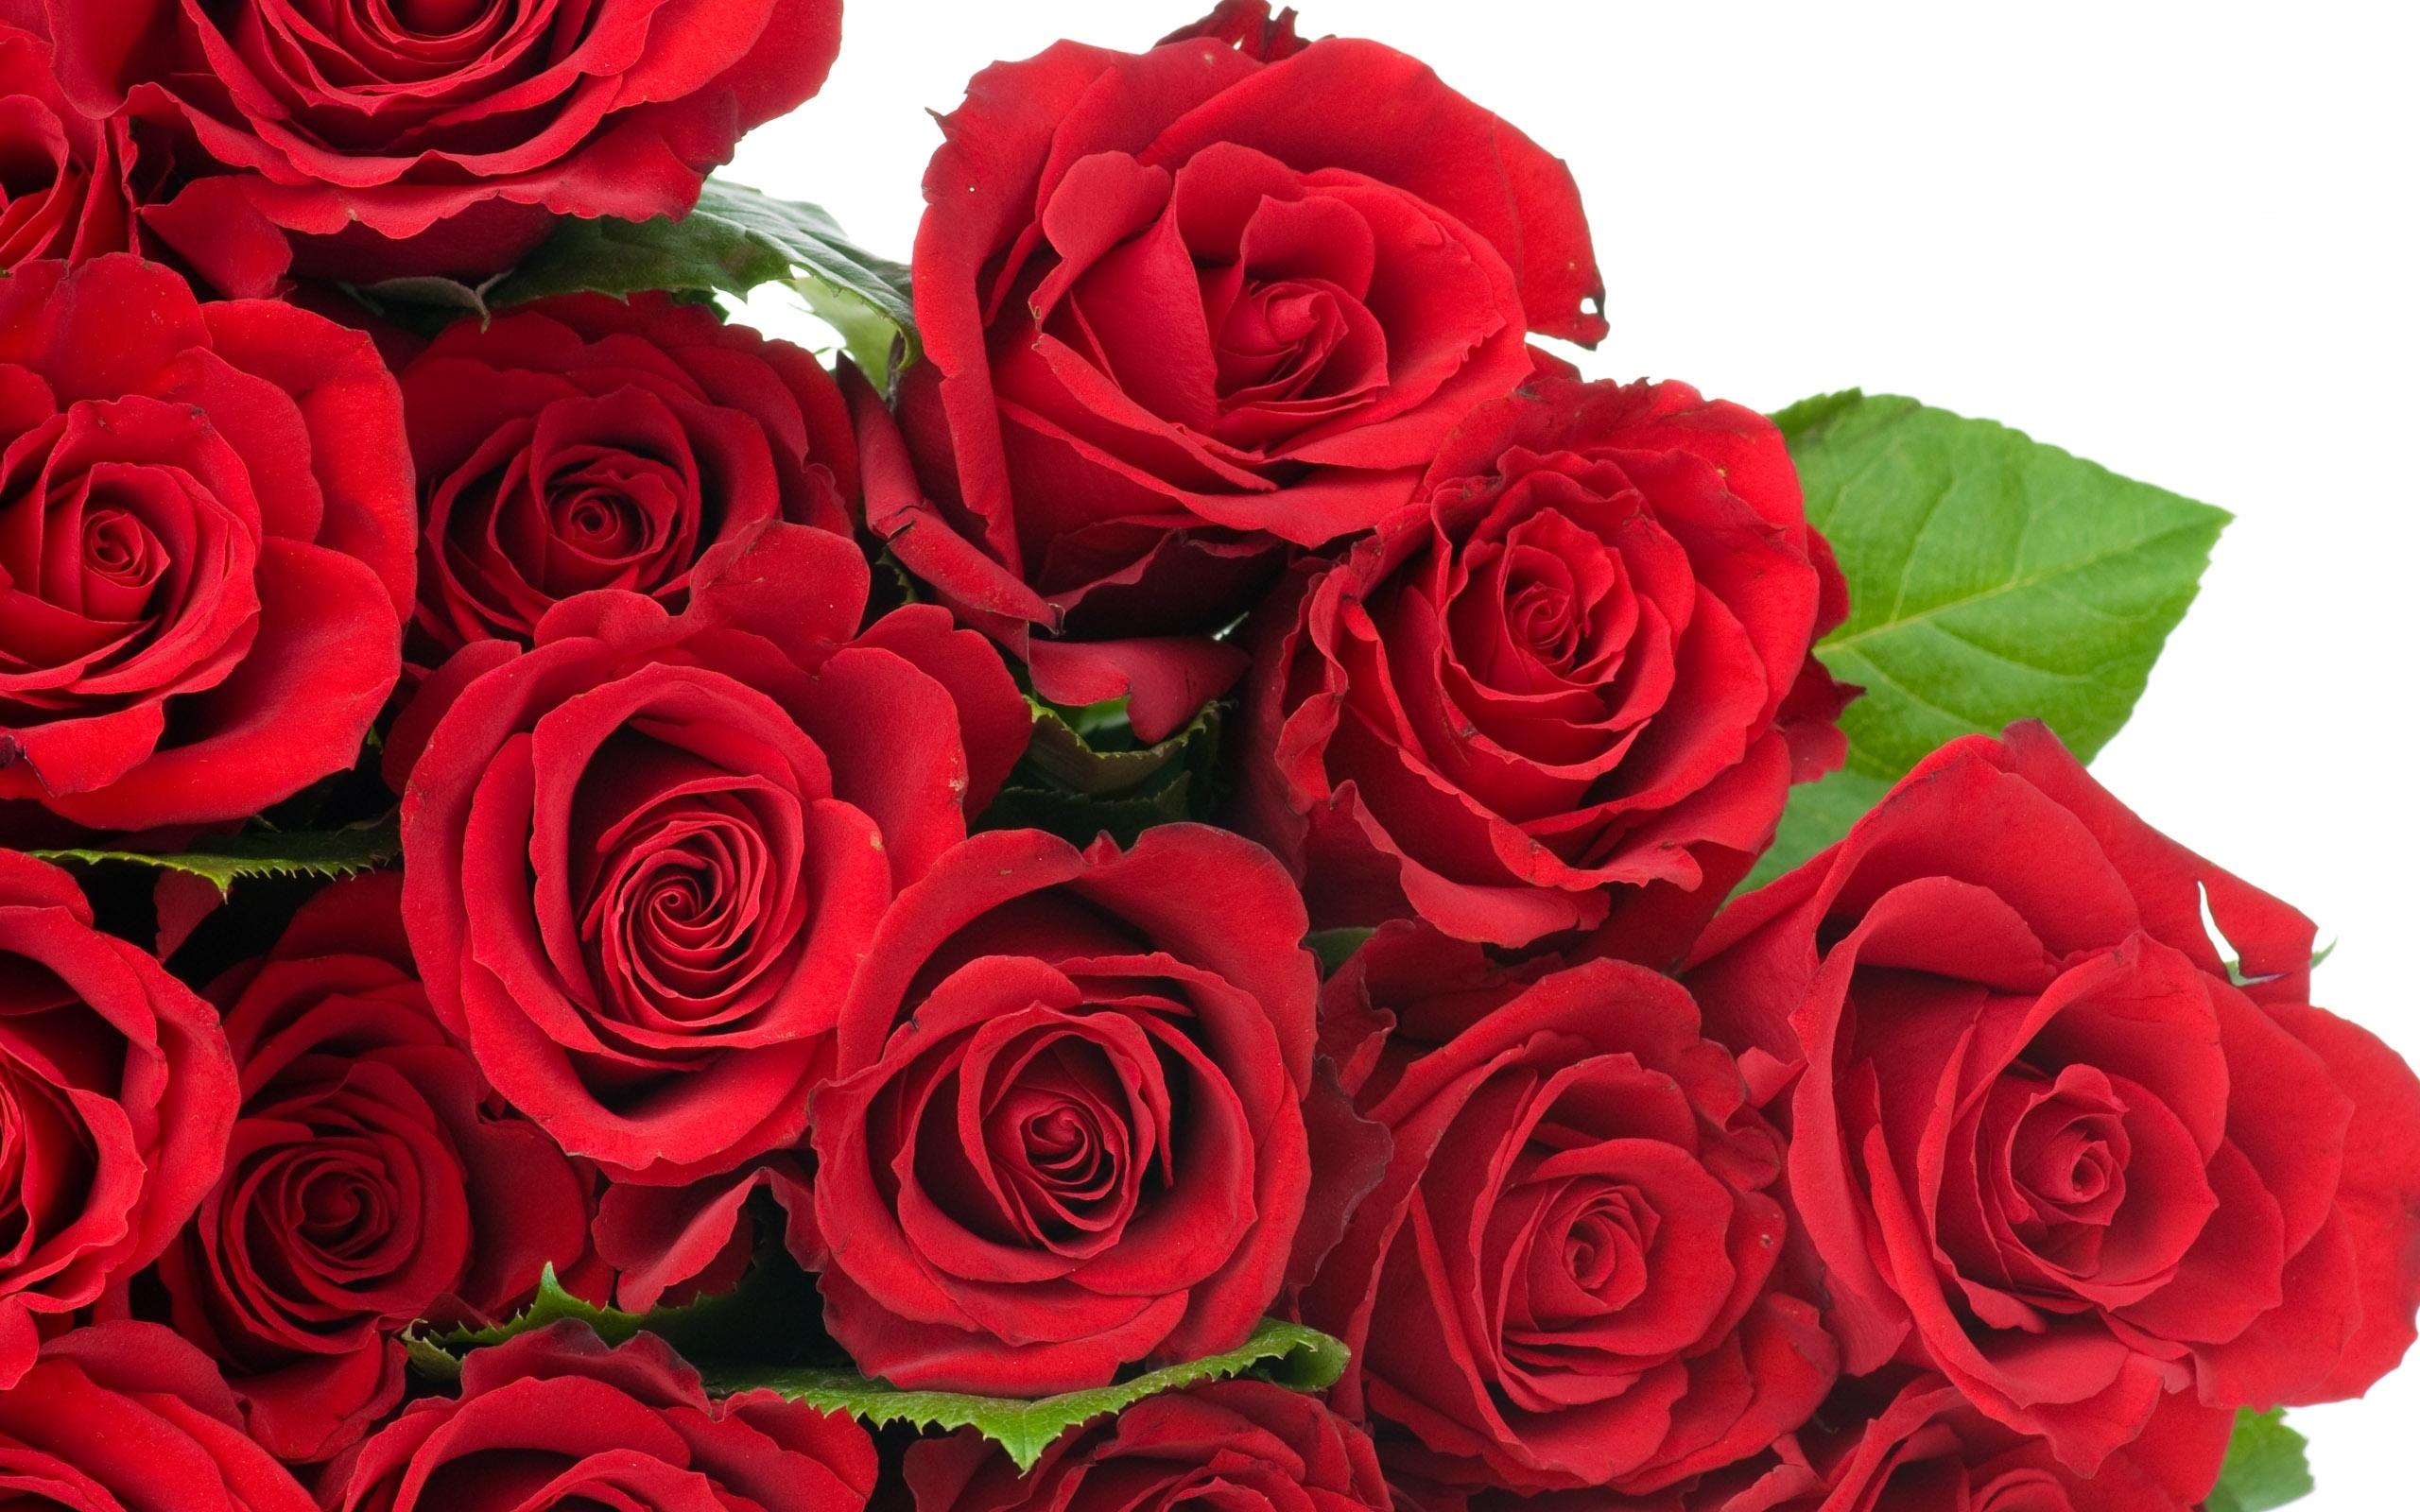 40060 скачать Красные обои на телефон бесплатно, Растения, Цветы, Розы Красные картинки и заставки на мобильный